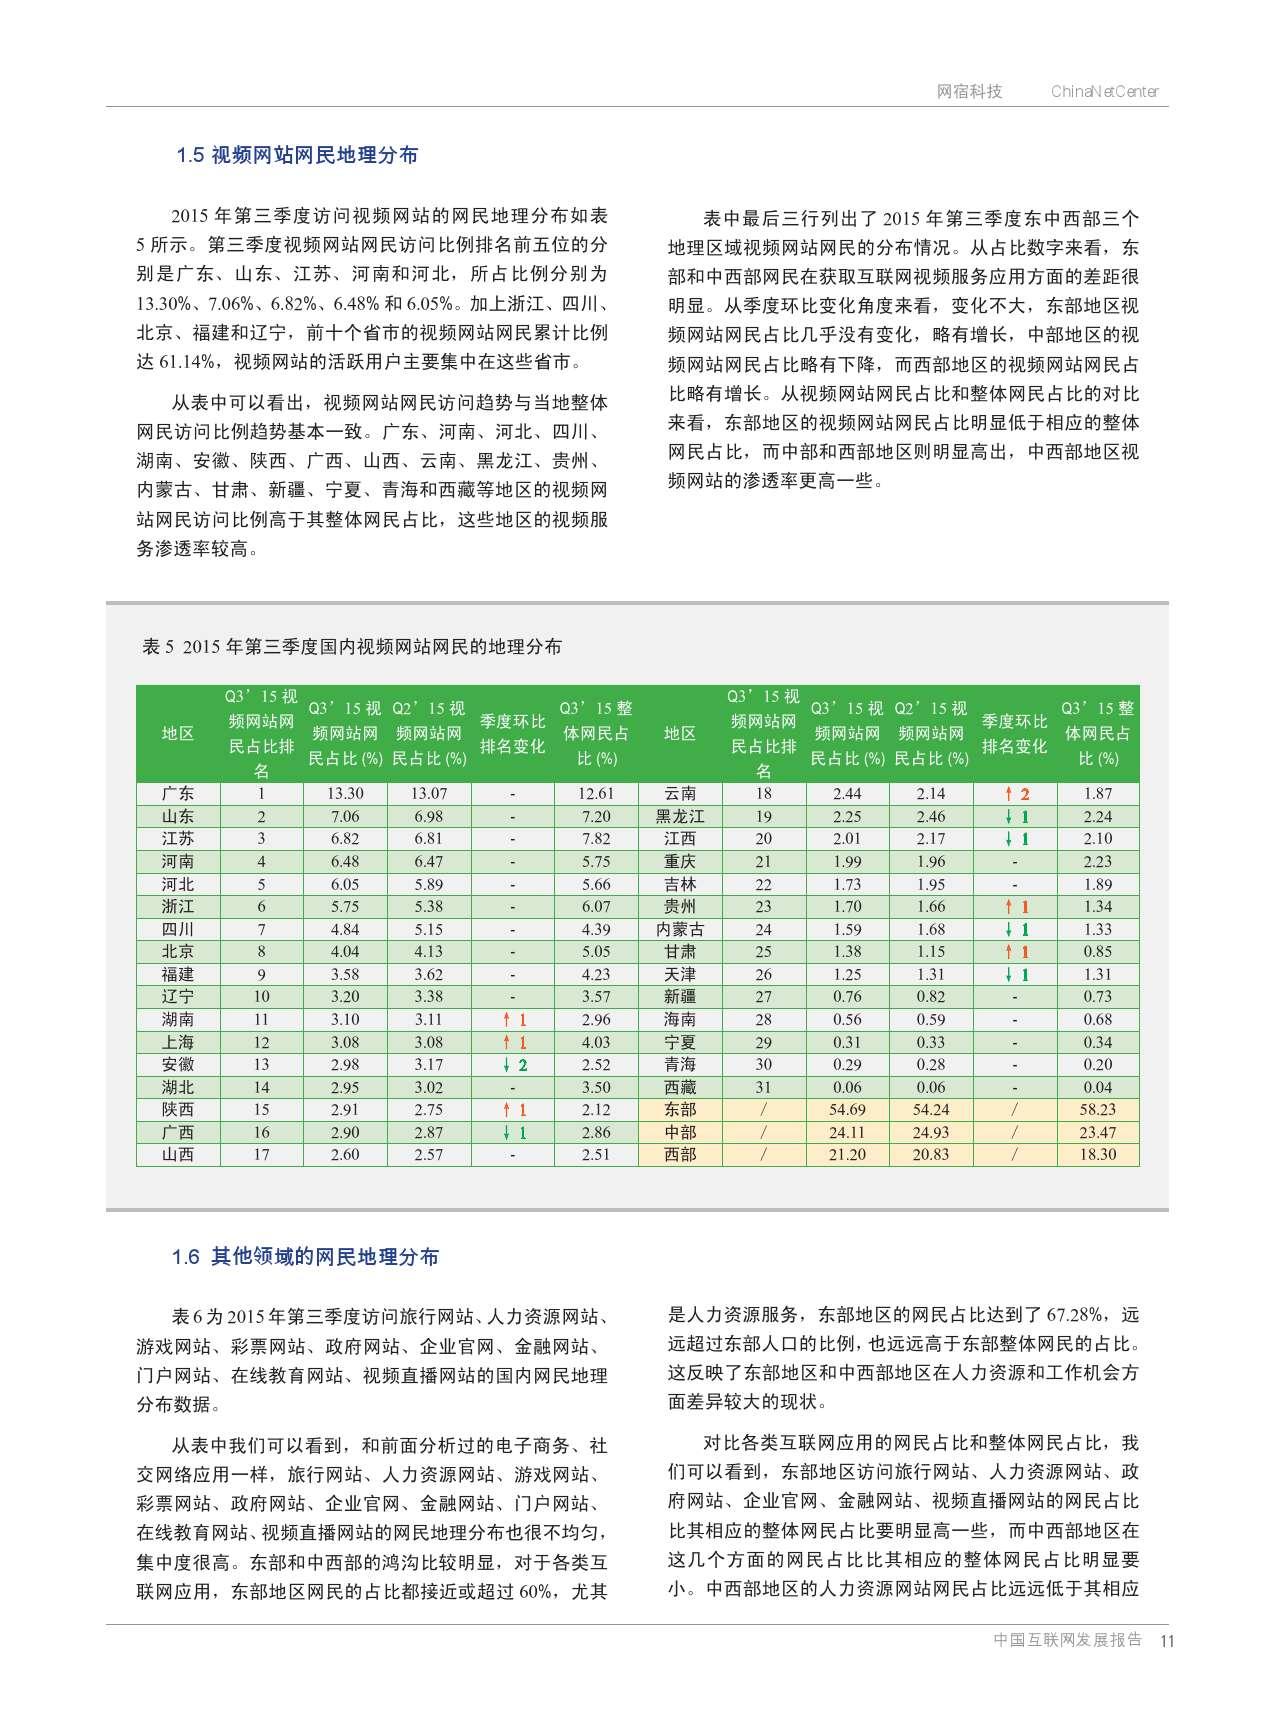 网宿:2015年Q3互联网报告_000010